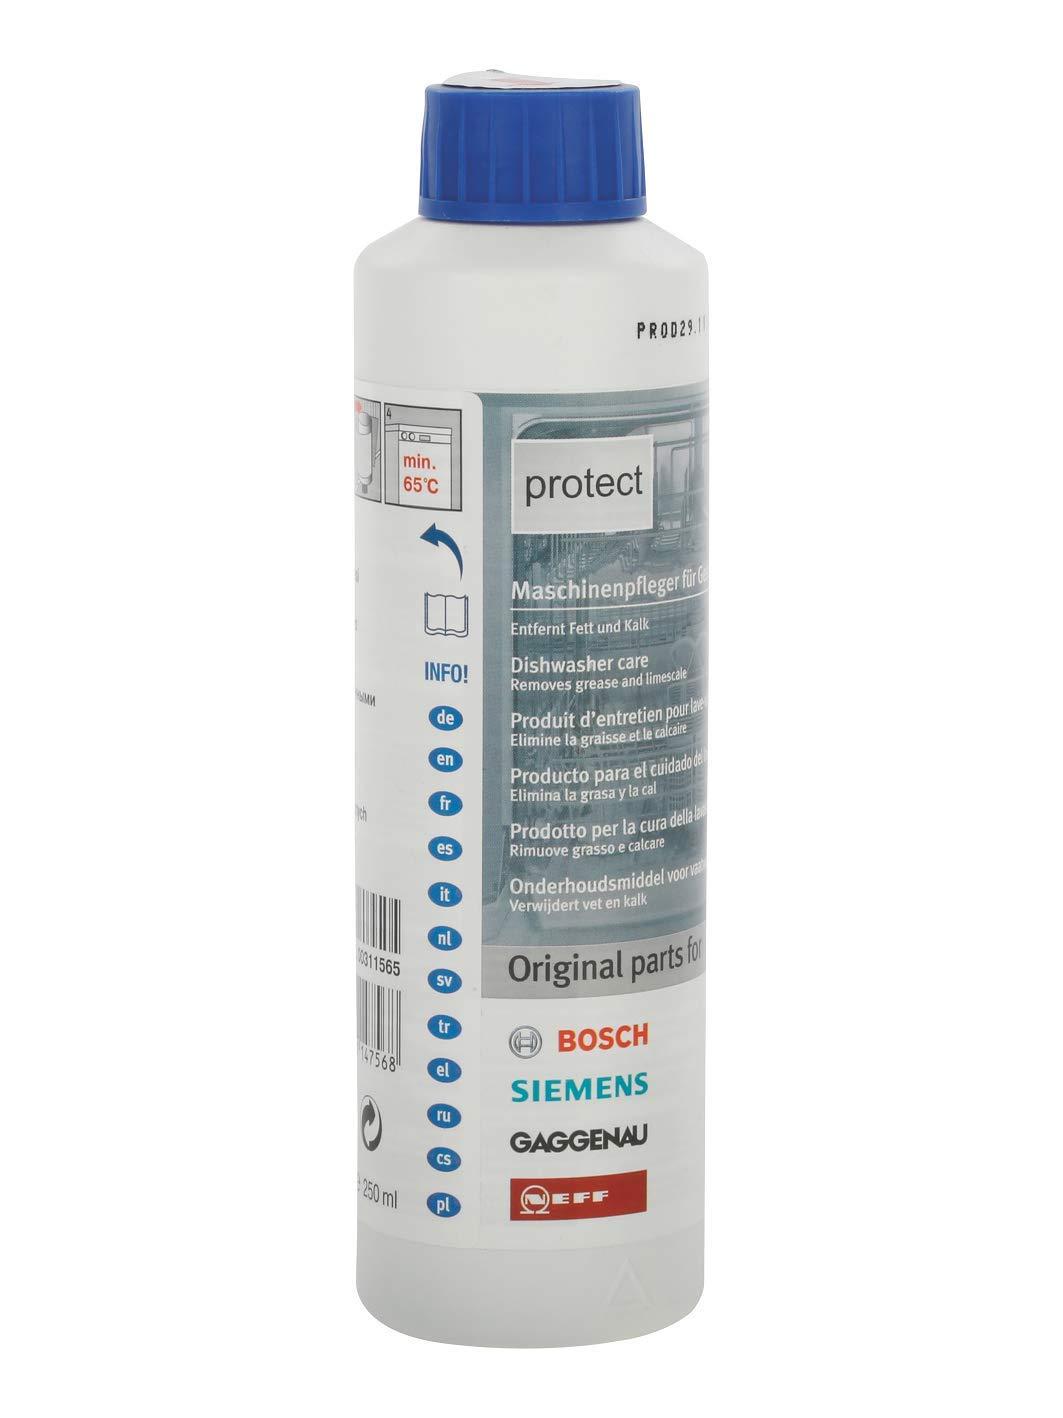 Bosch lavavajillas botella de cuidado 250 ml: Amazon.es: Hogar